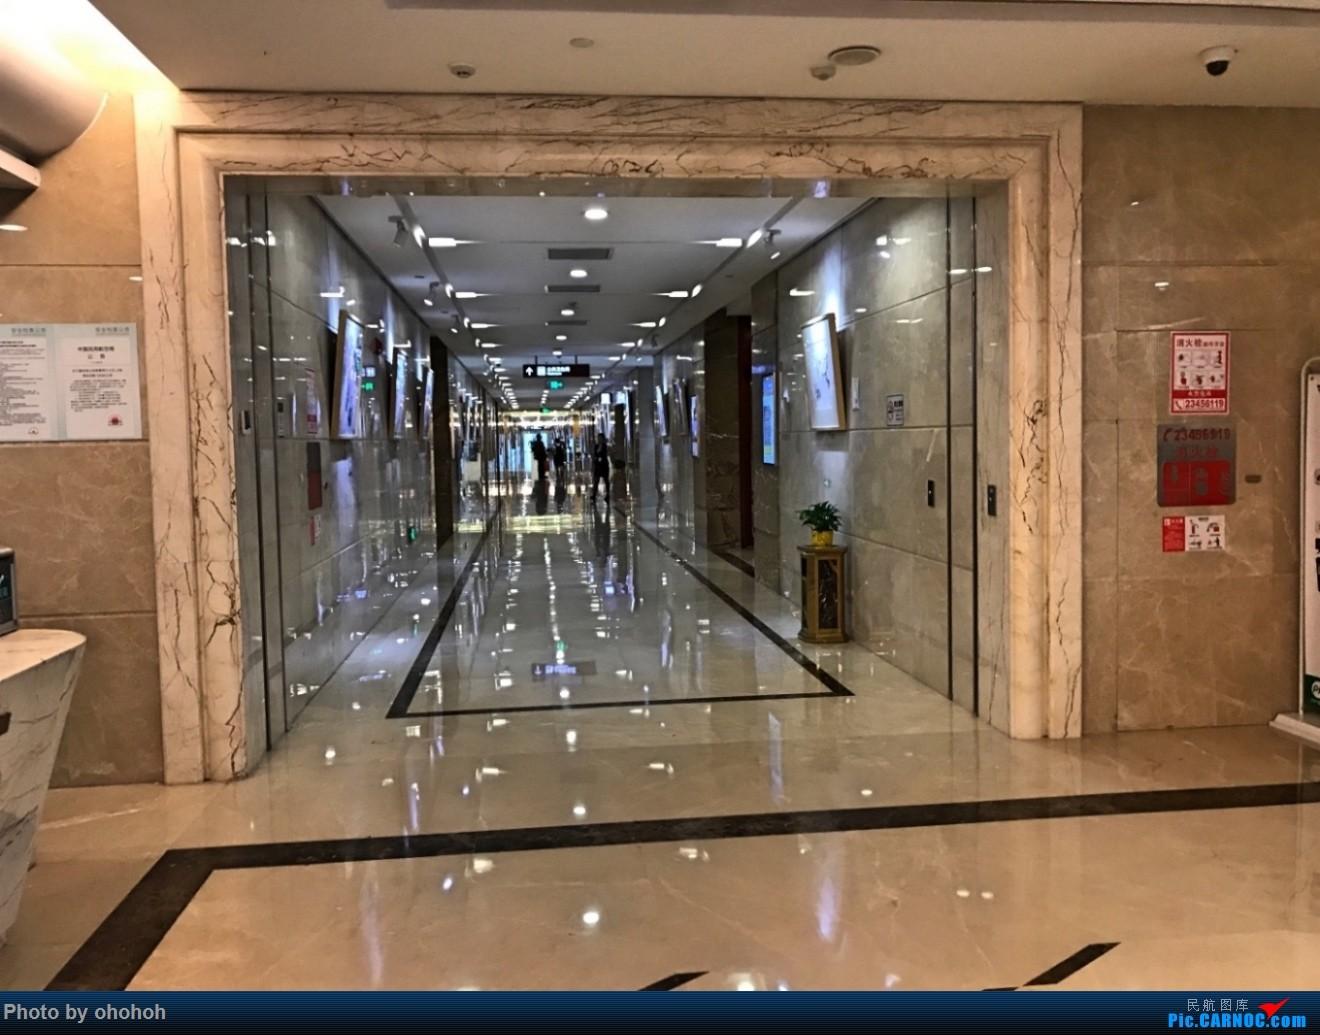 Re:[原创]冒着大雨去旅行,三次抵港,每次都有不一样的收获,记六月香港短游